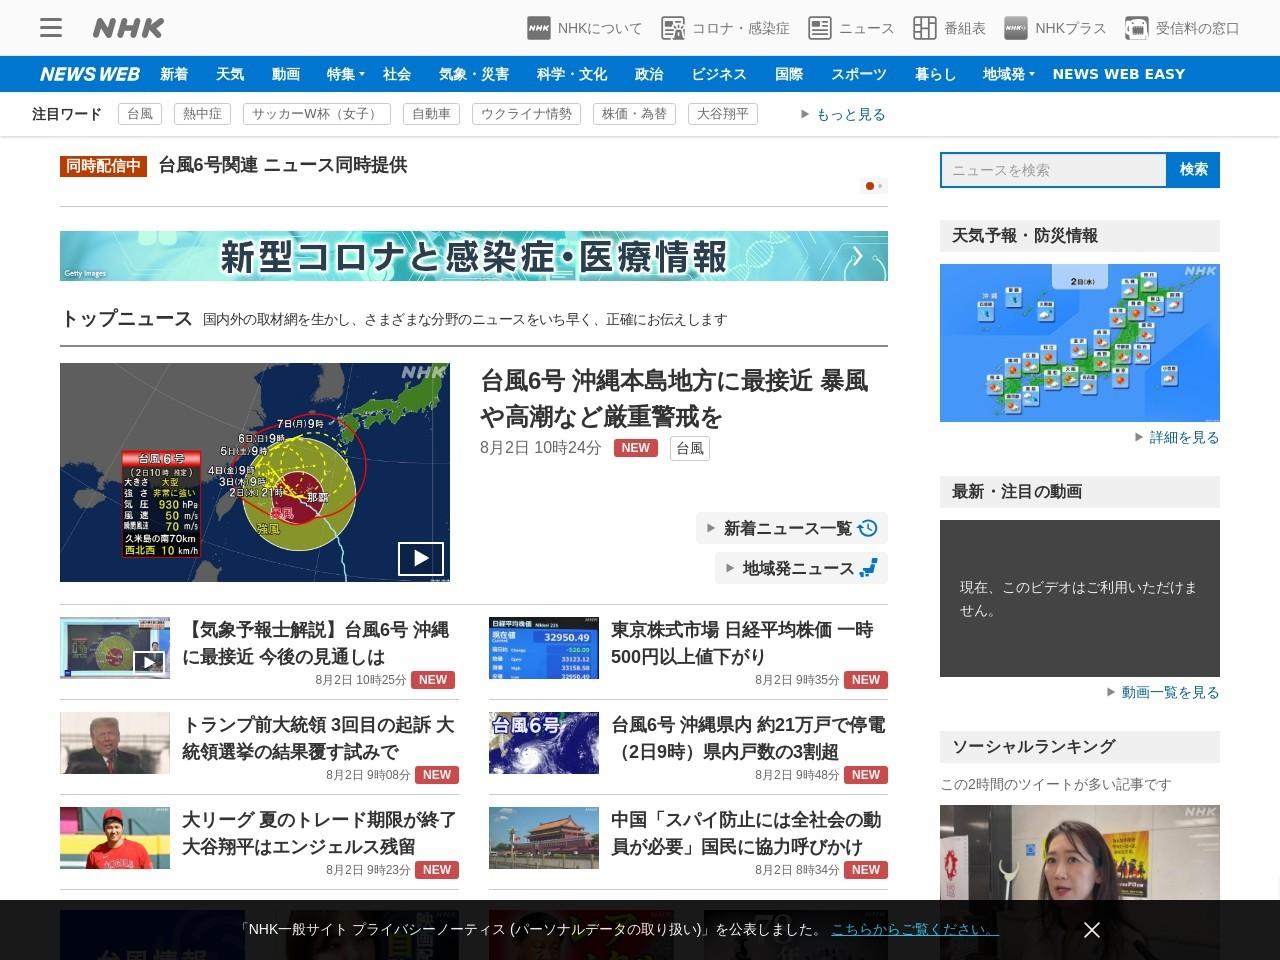 https://www3.nhk.or.jp/news/html/20210914/k10013258031000.html